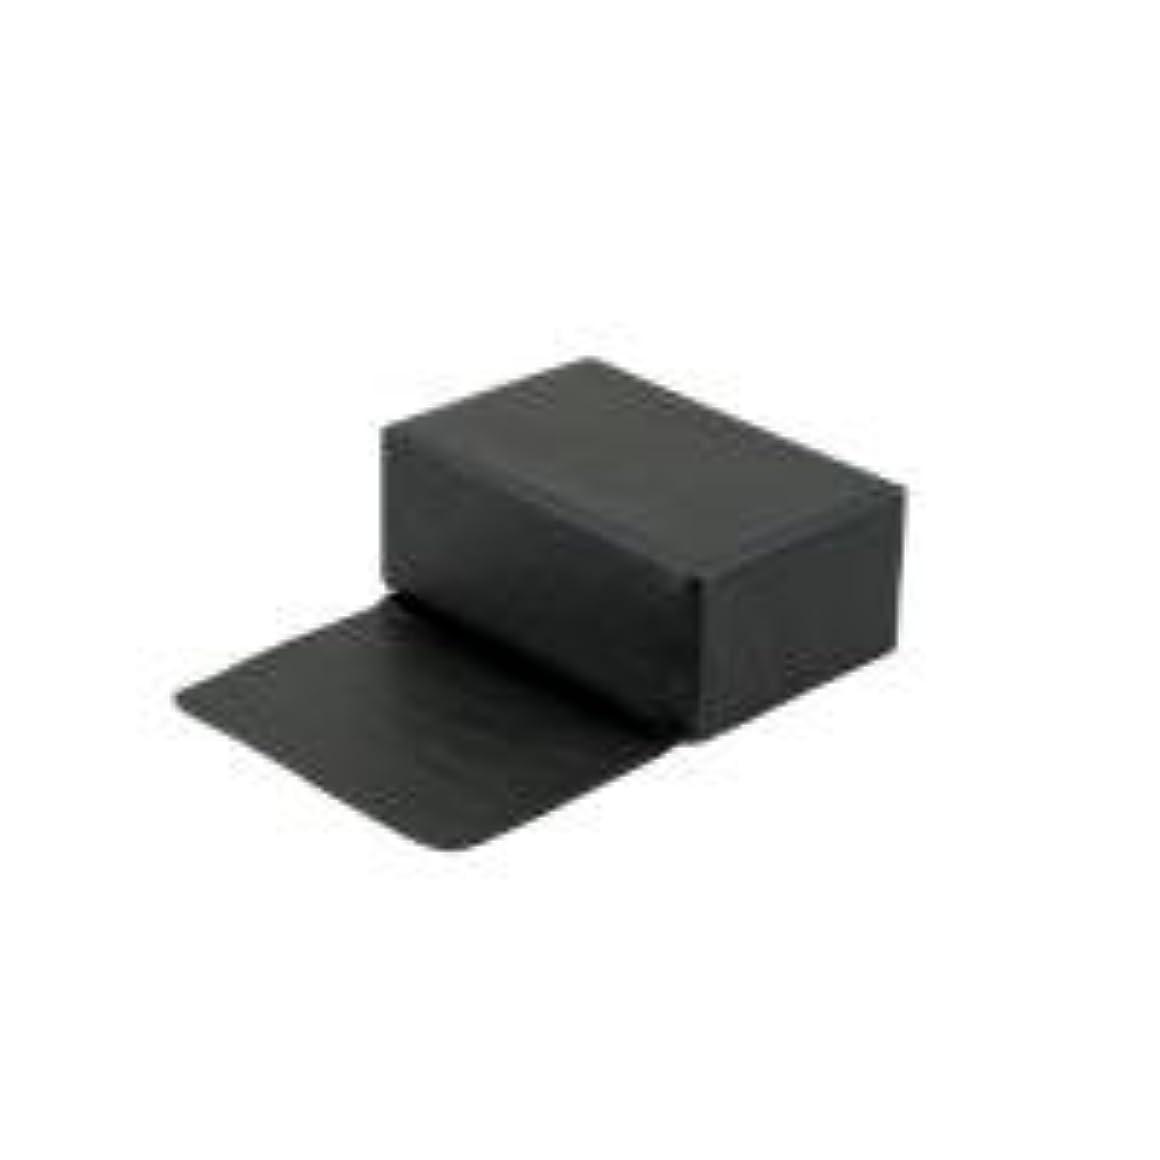 関連する関連するマザーランド子供補助イス(マット付き) ブラック65140